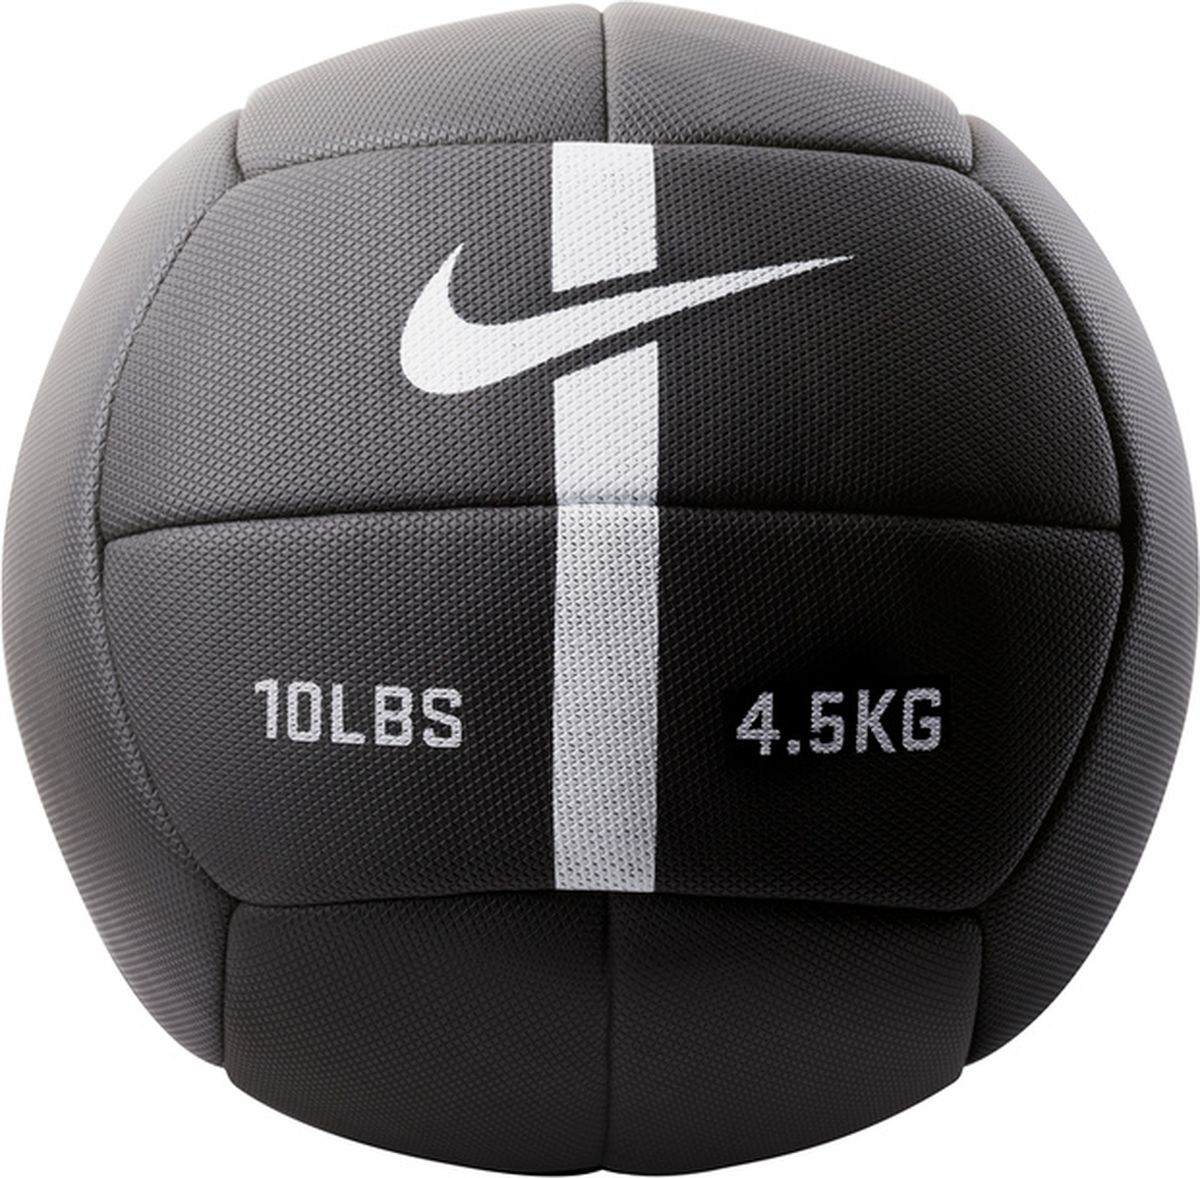 Мяч для фитнеса Nike Strength Training Ball, цвет: черный, белый. N.EW.06.010.NS cкакалка nike weighted rope 2 0 ns grey black bright citrus